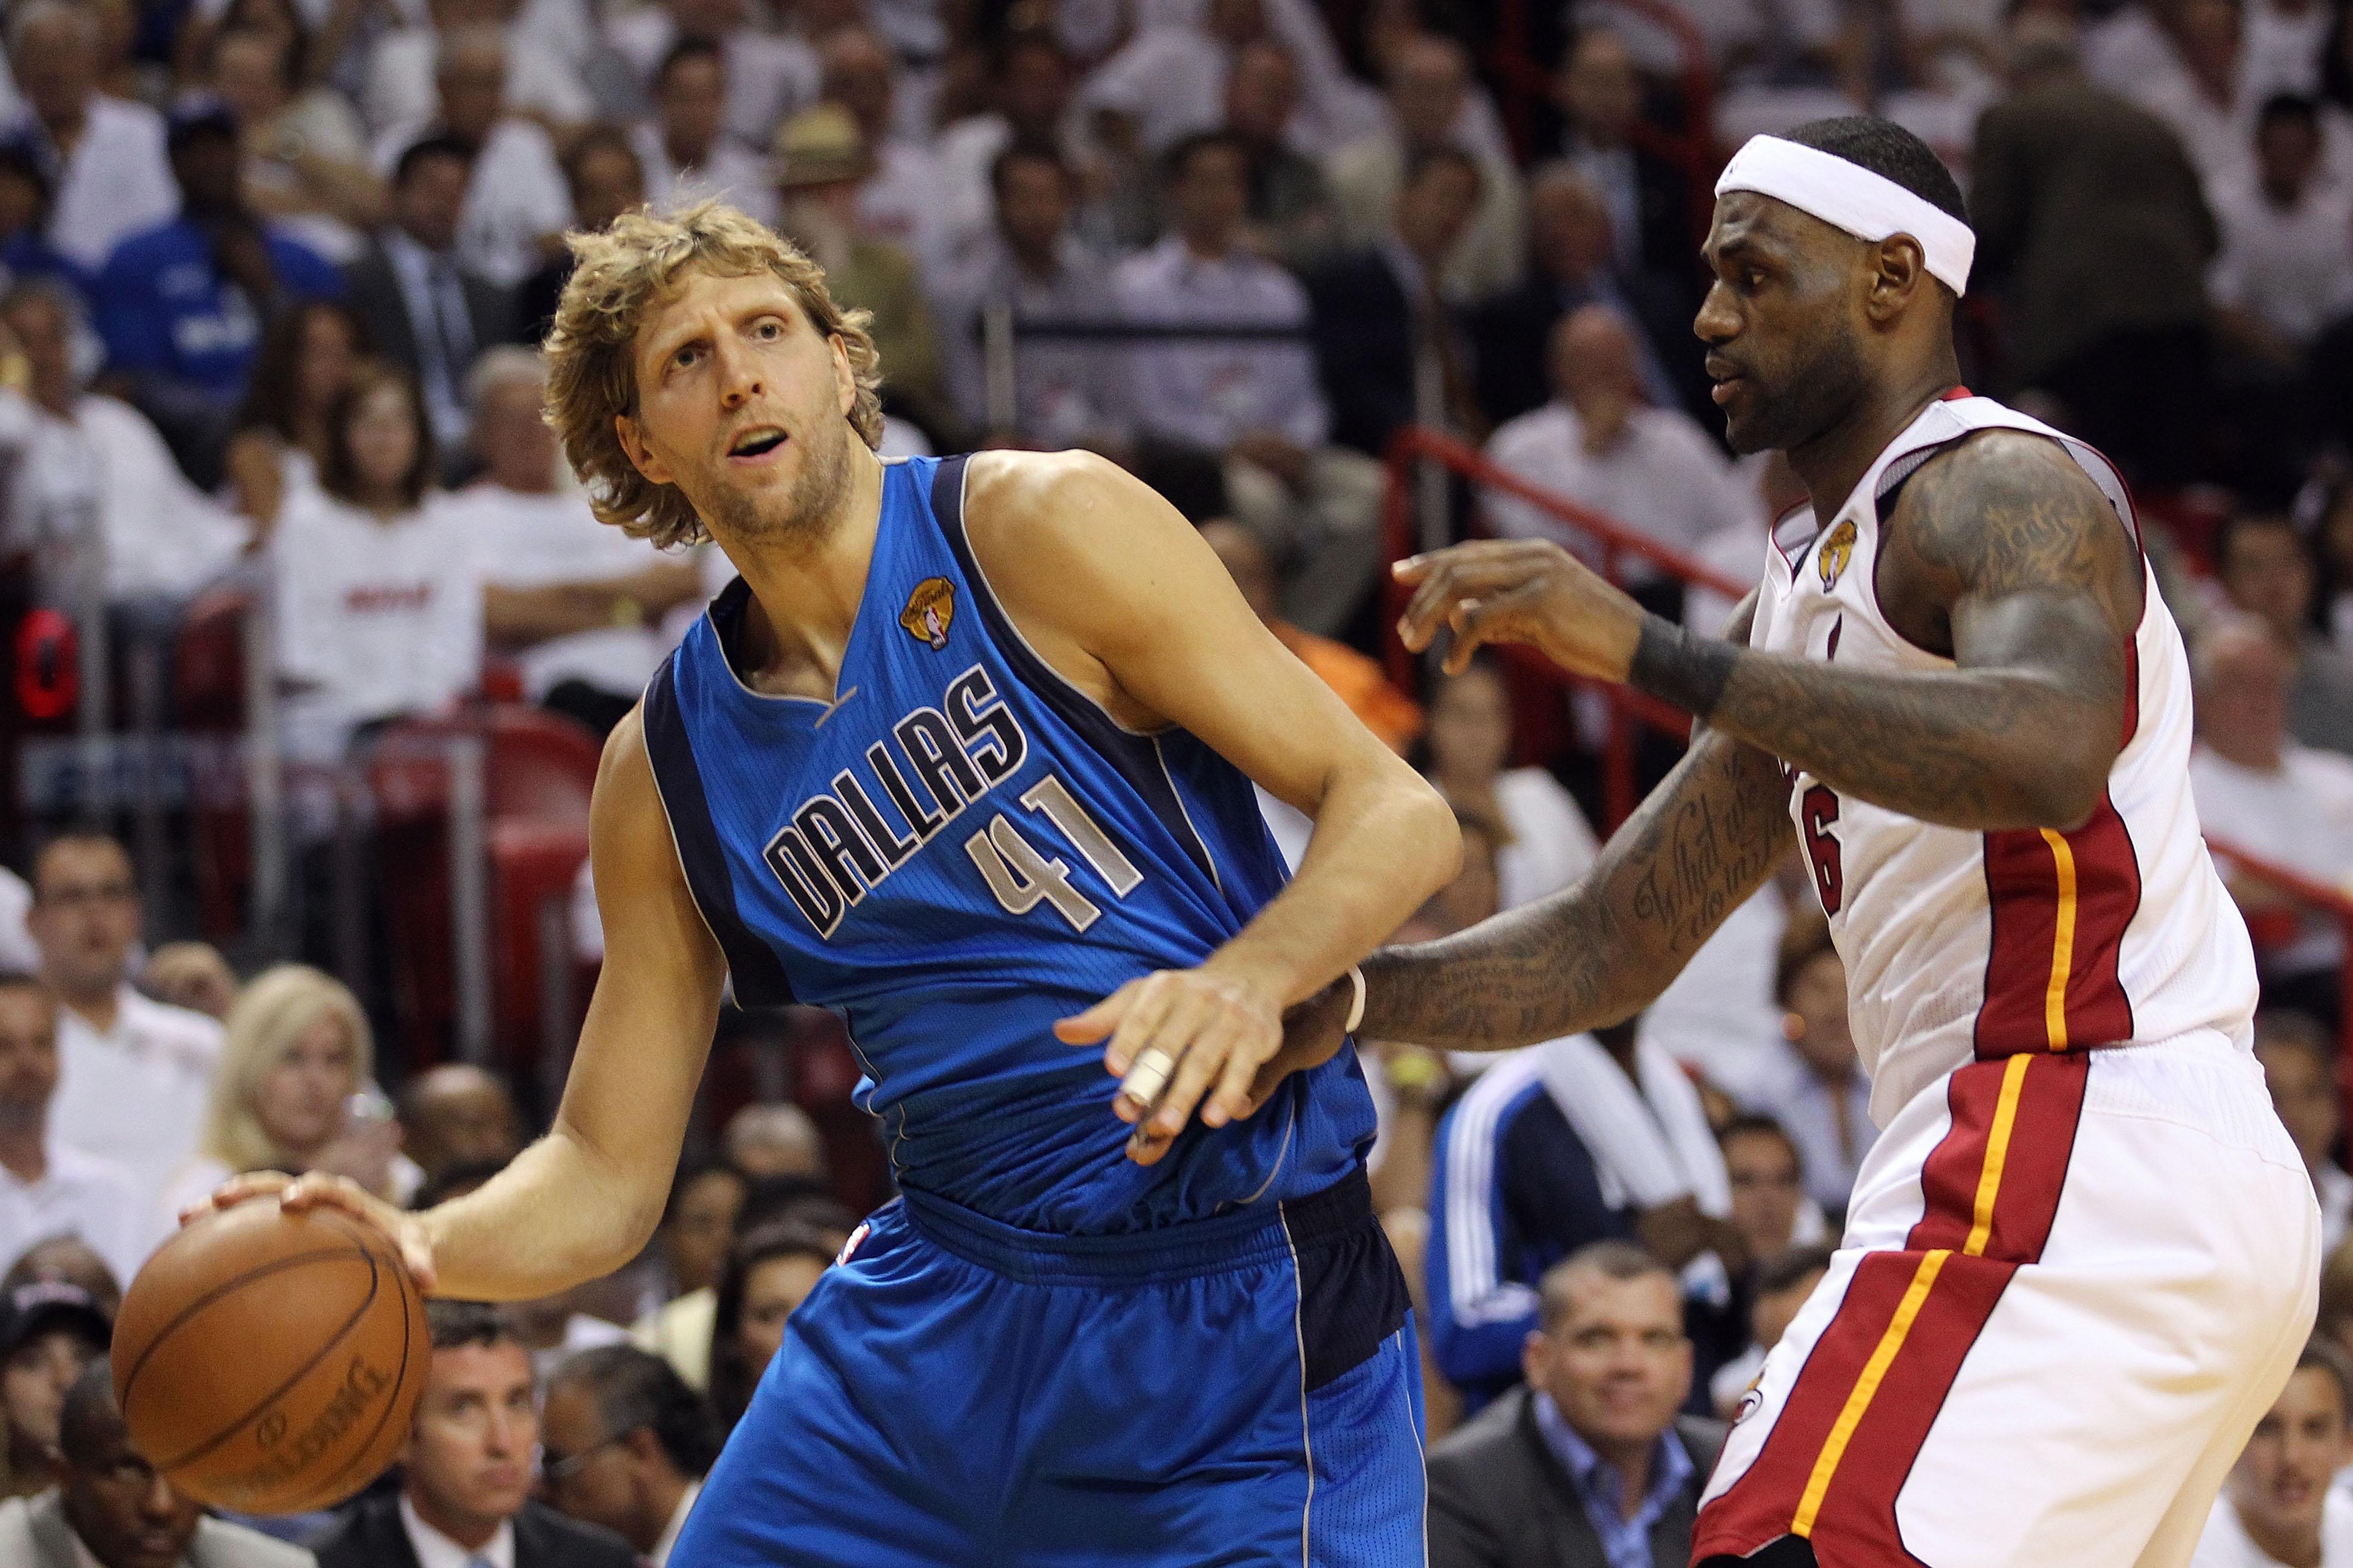 NBA近20年含金量最高的5個總冠軍:德佬一冠封神,騎士1-3逆轉勇士!